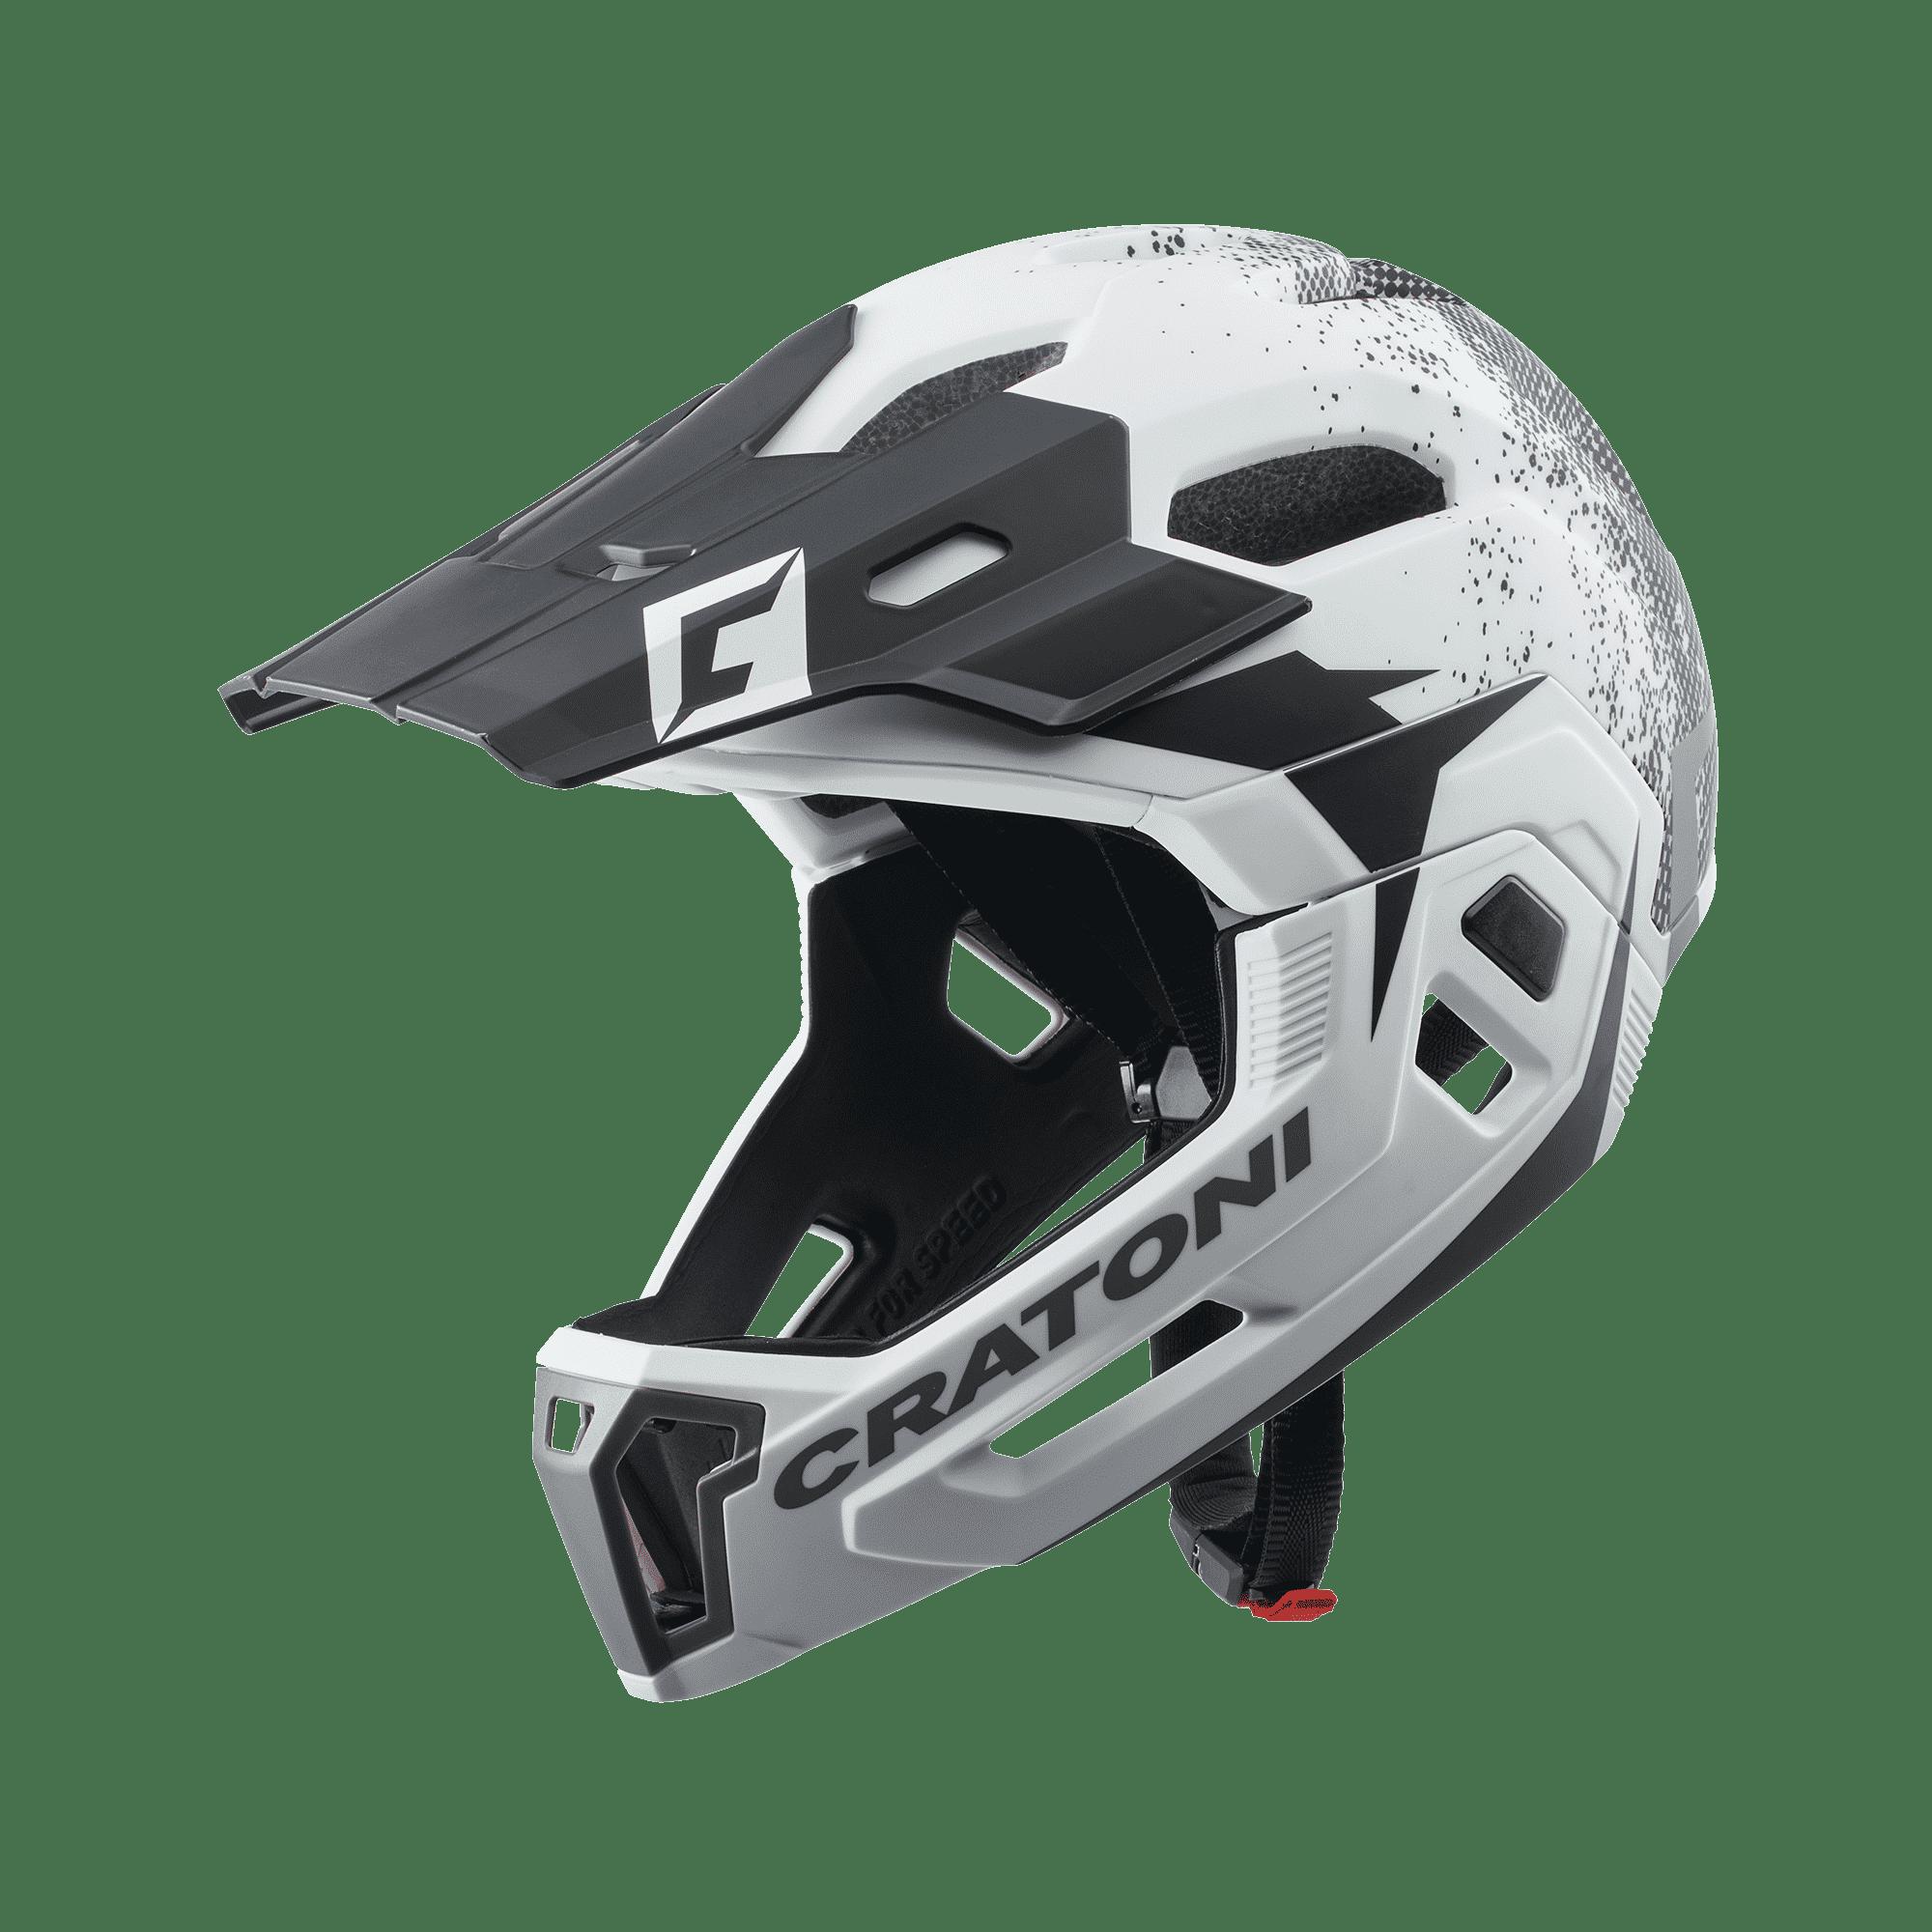 C-Maniac 2.0 white black matt